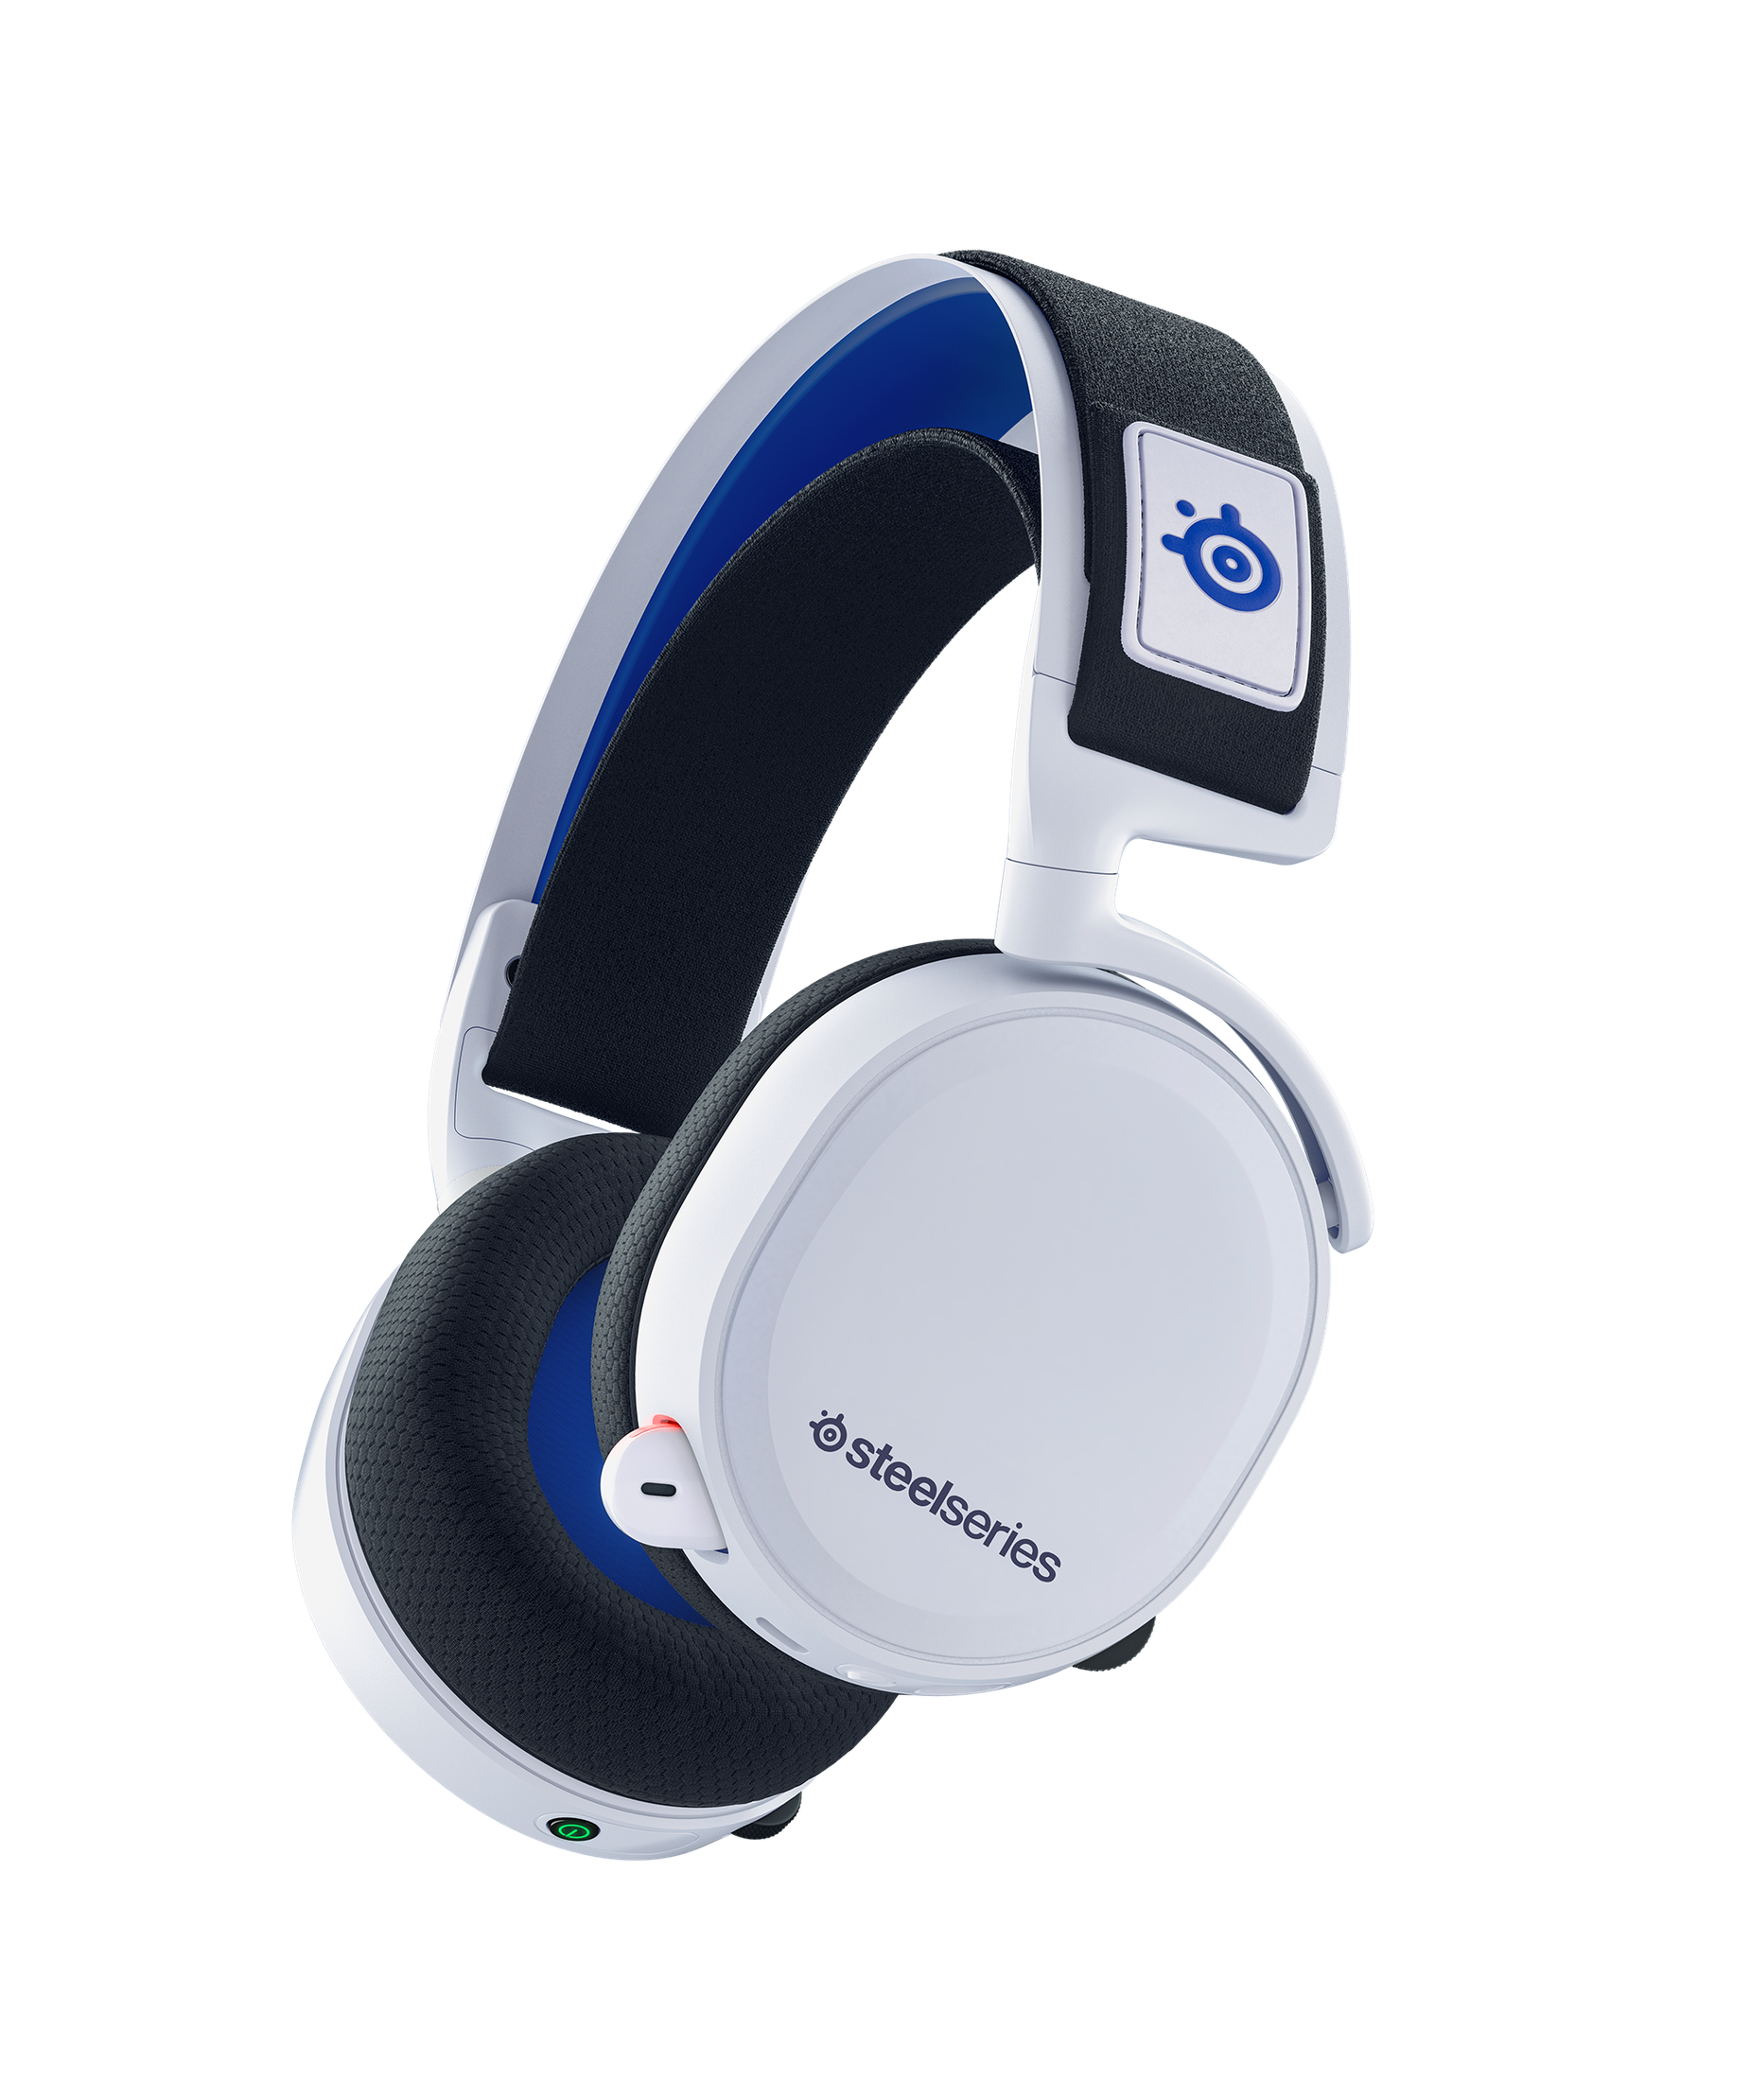 Arctis 7P耳機角度 產品渲染圖